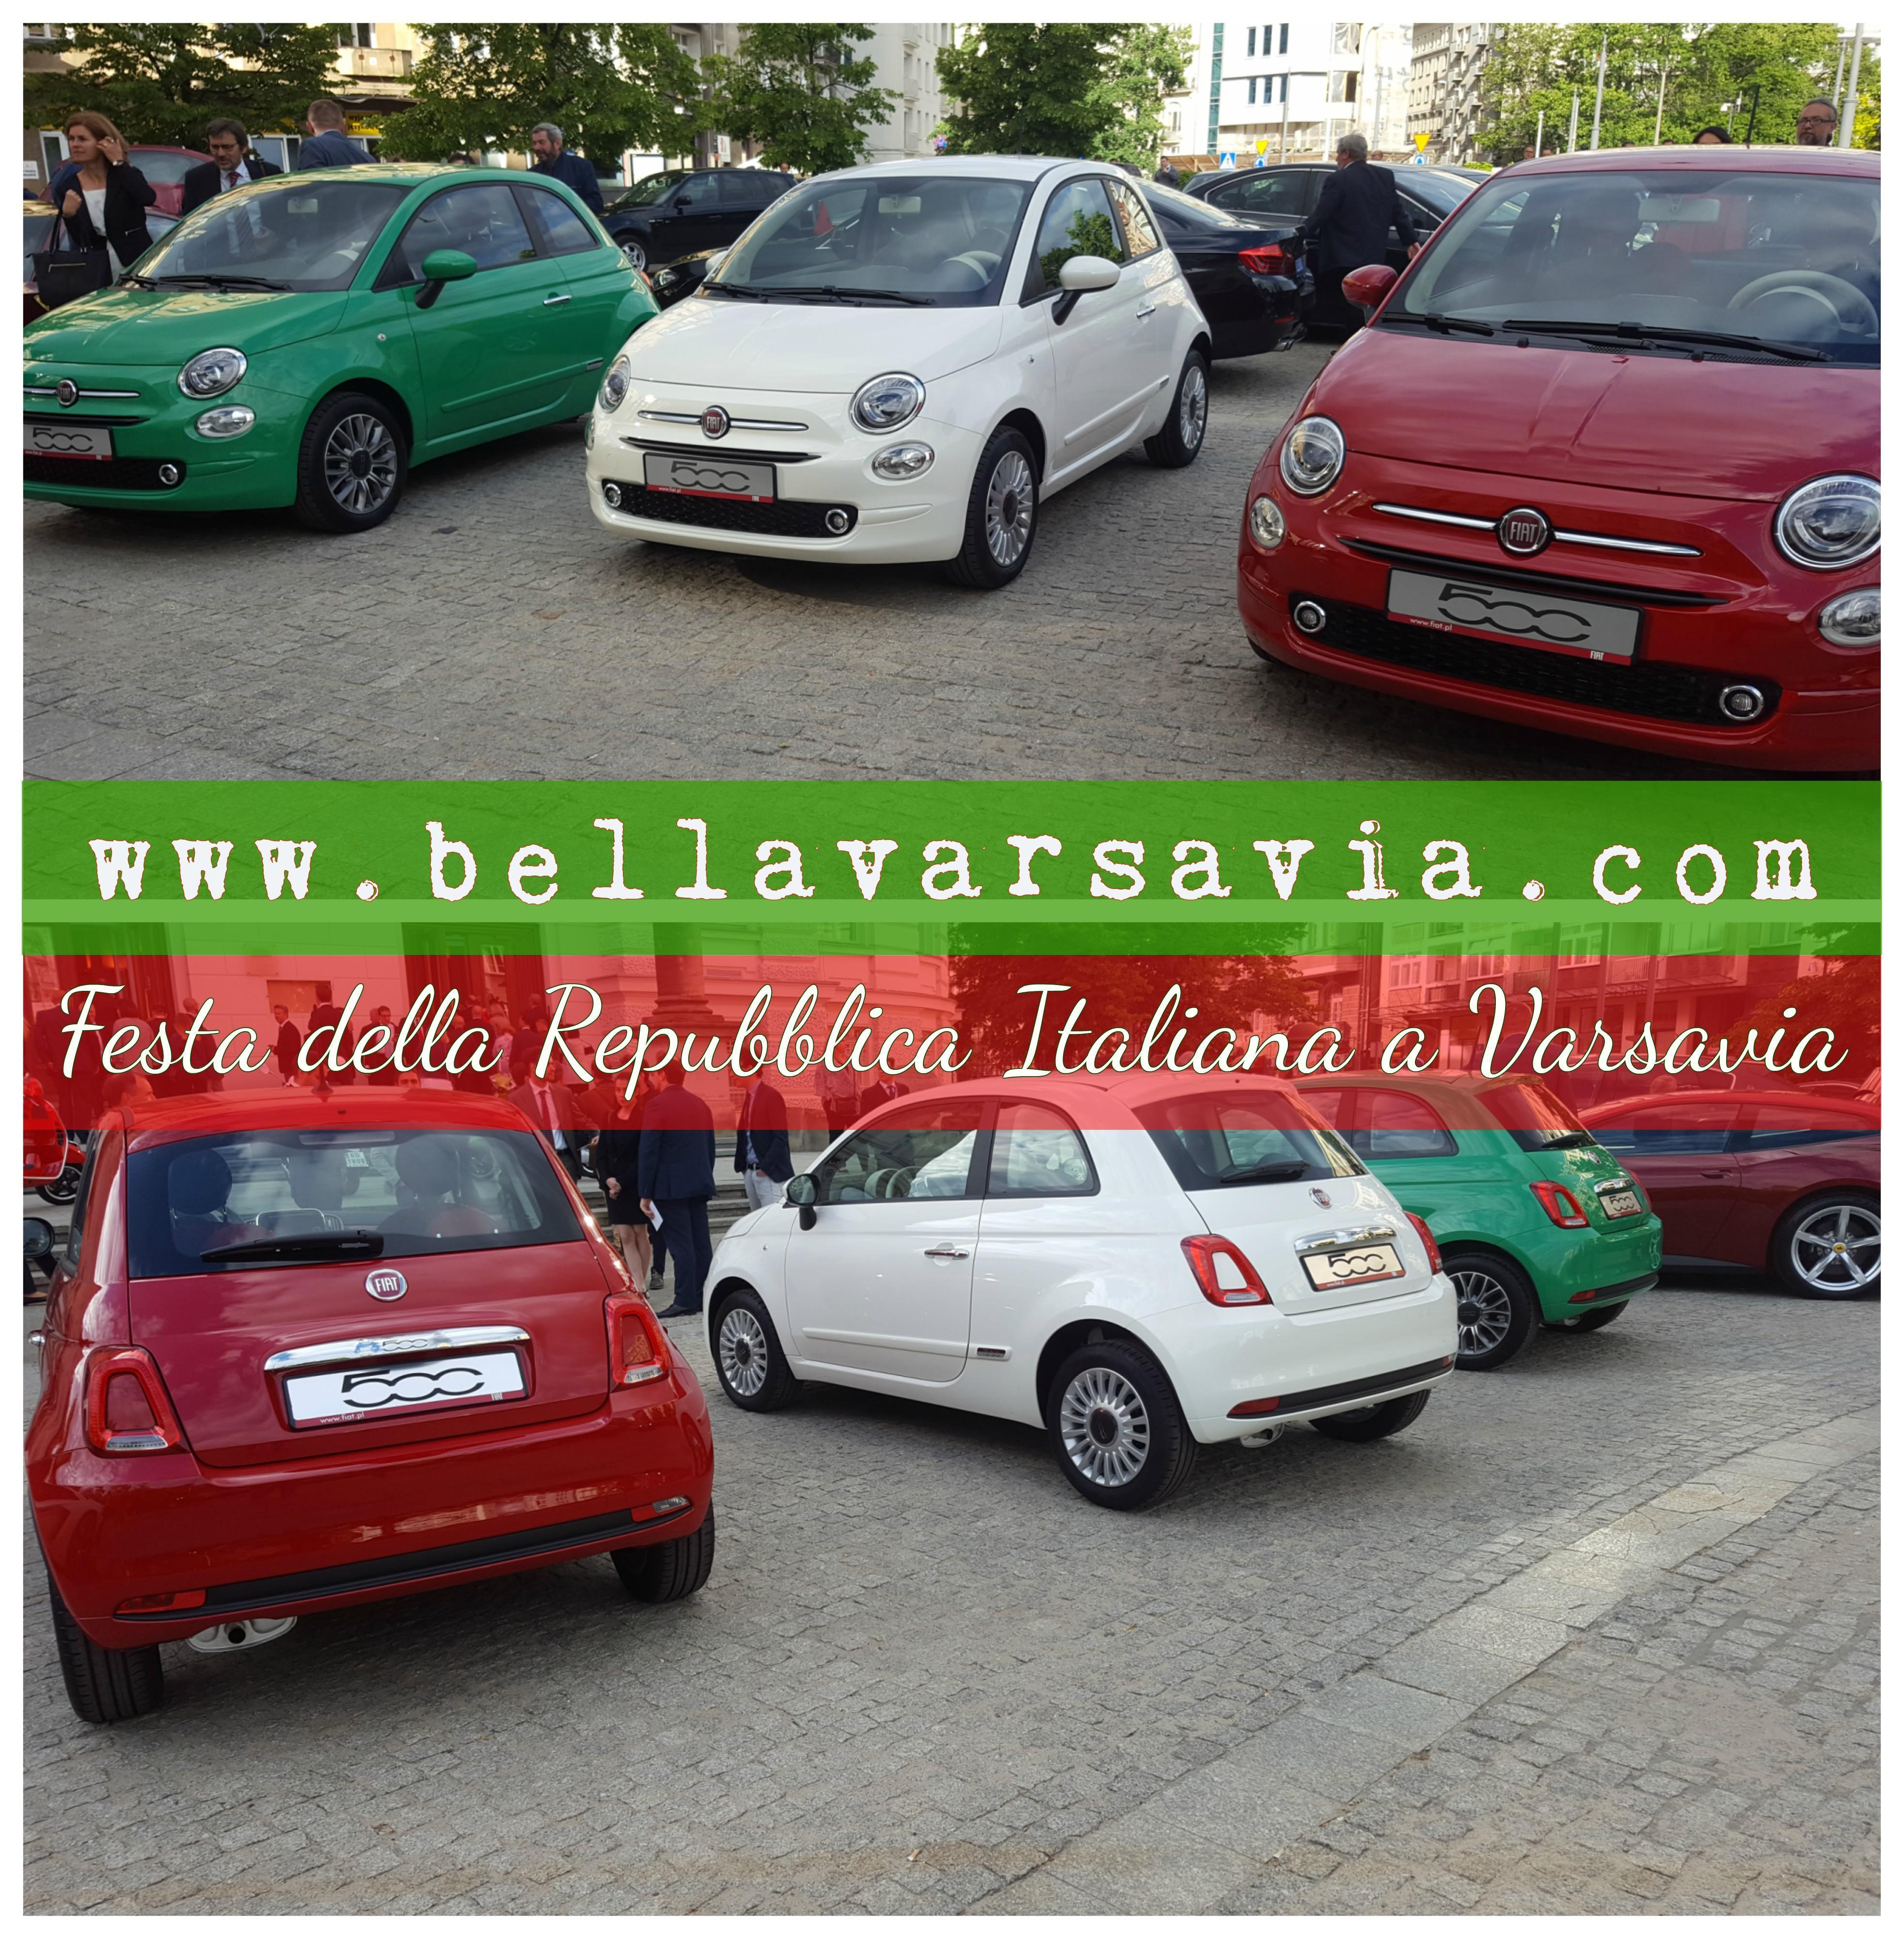 Festa della Repubblica Italiana a Varsavia